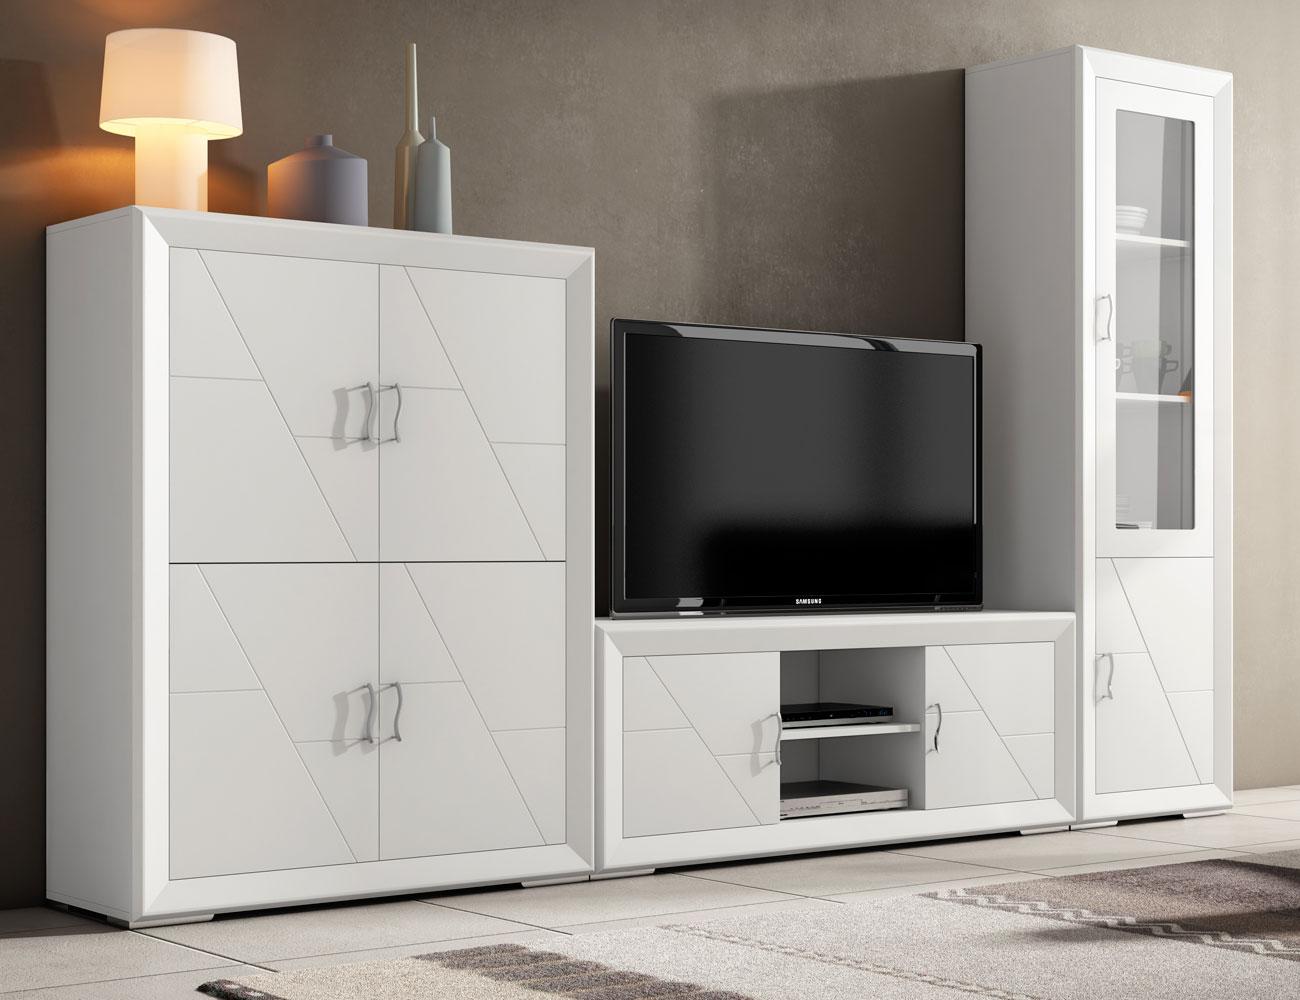 Muebles de gran calidad en madera con vitrina y librero en for Muebles de comedor en madera